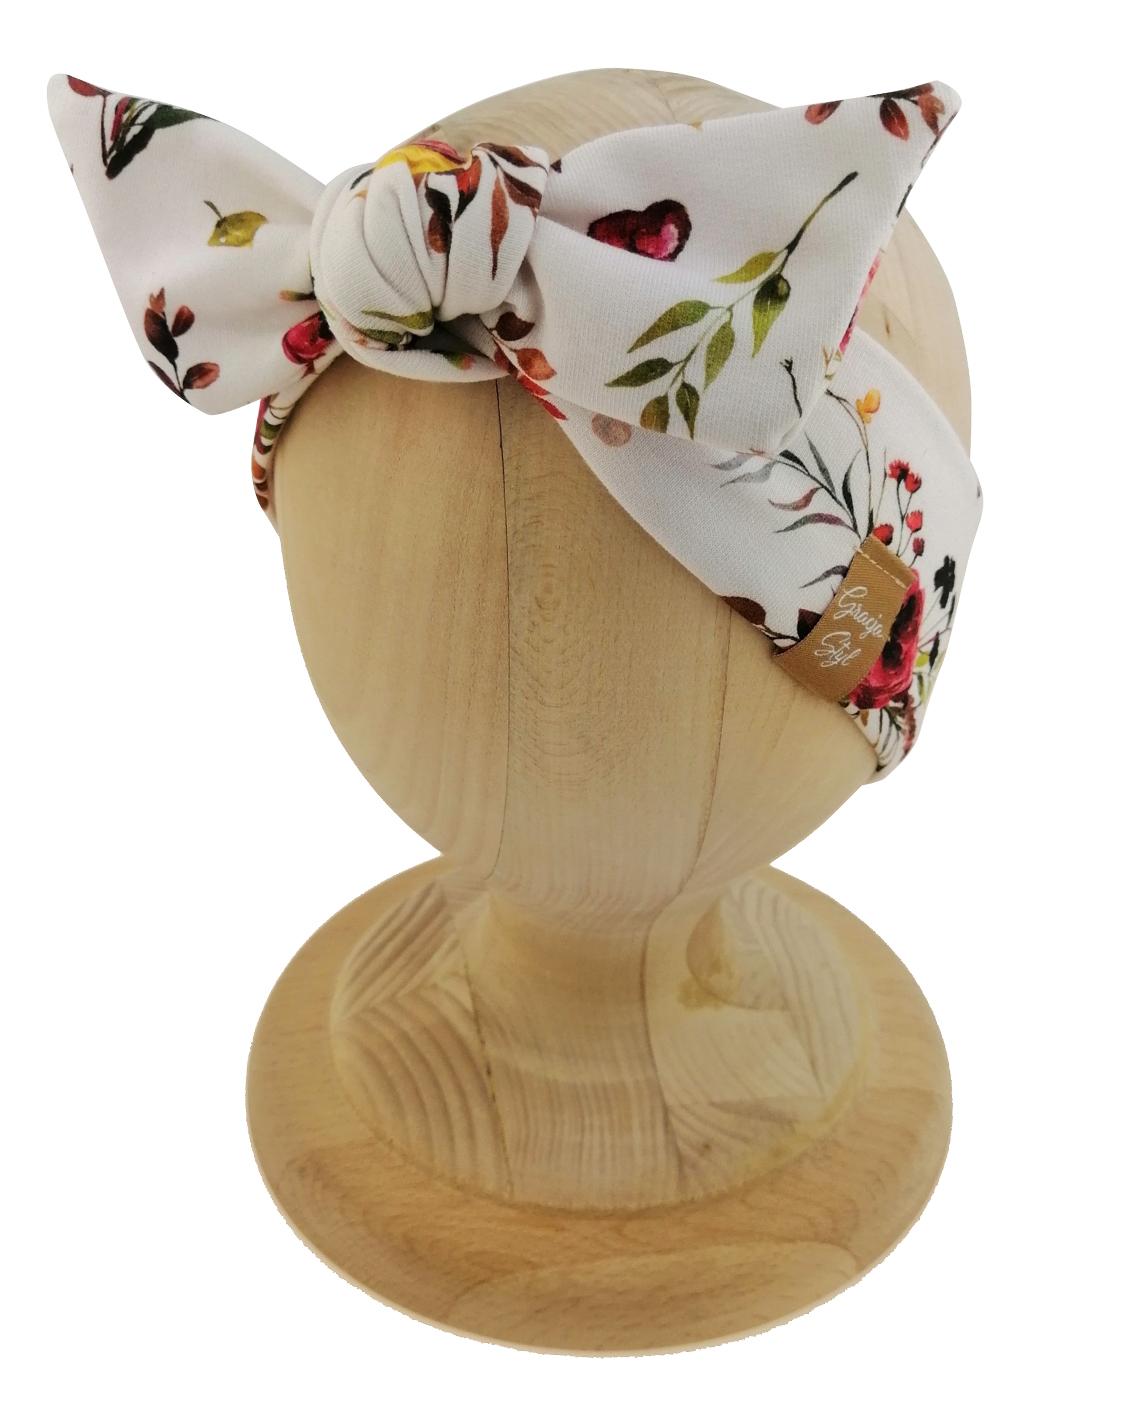 Opaska kobieca typu Pin-up marki Gracja Styl. Uszyta z bawełny petelkowej typu dresówka. Wzór kwiatowy pani jesień